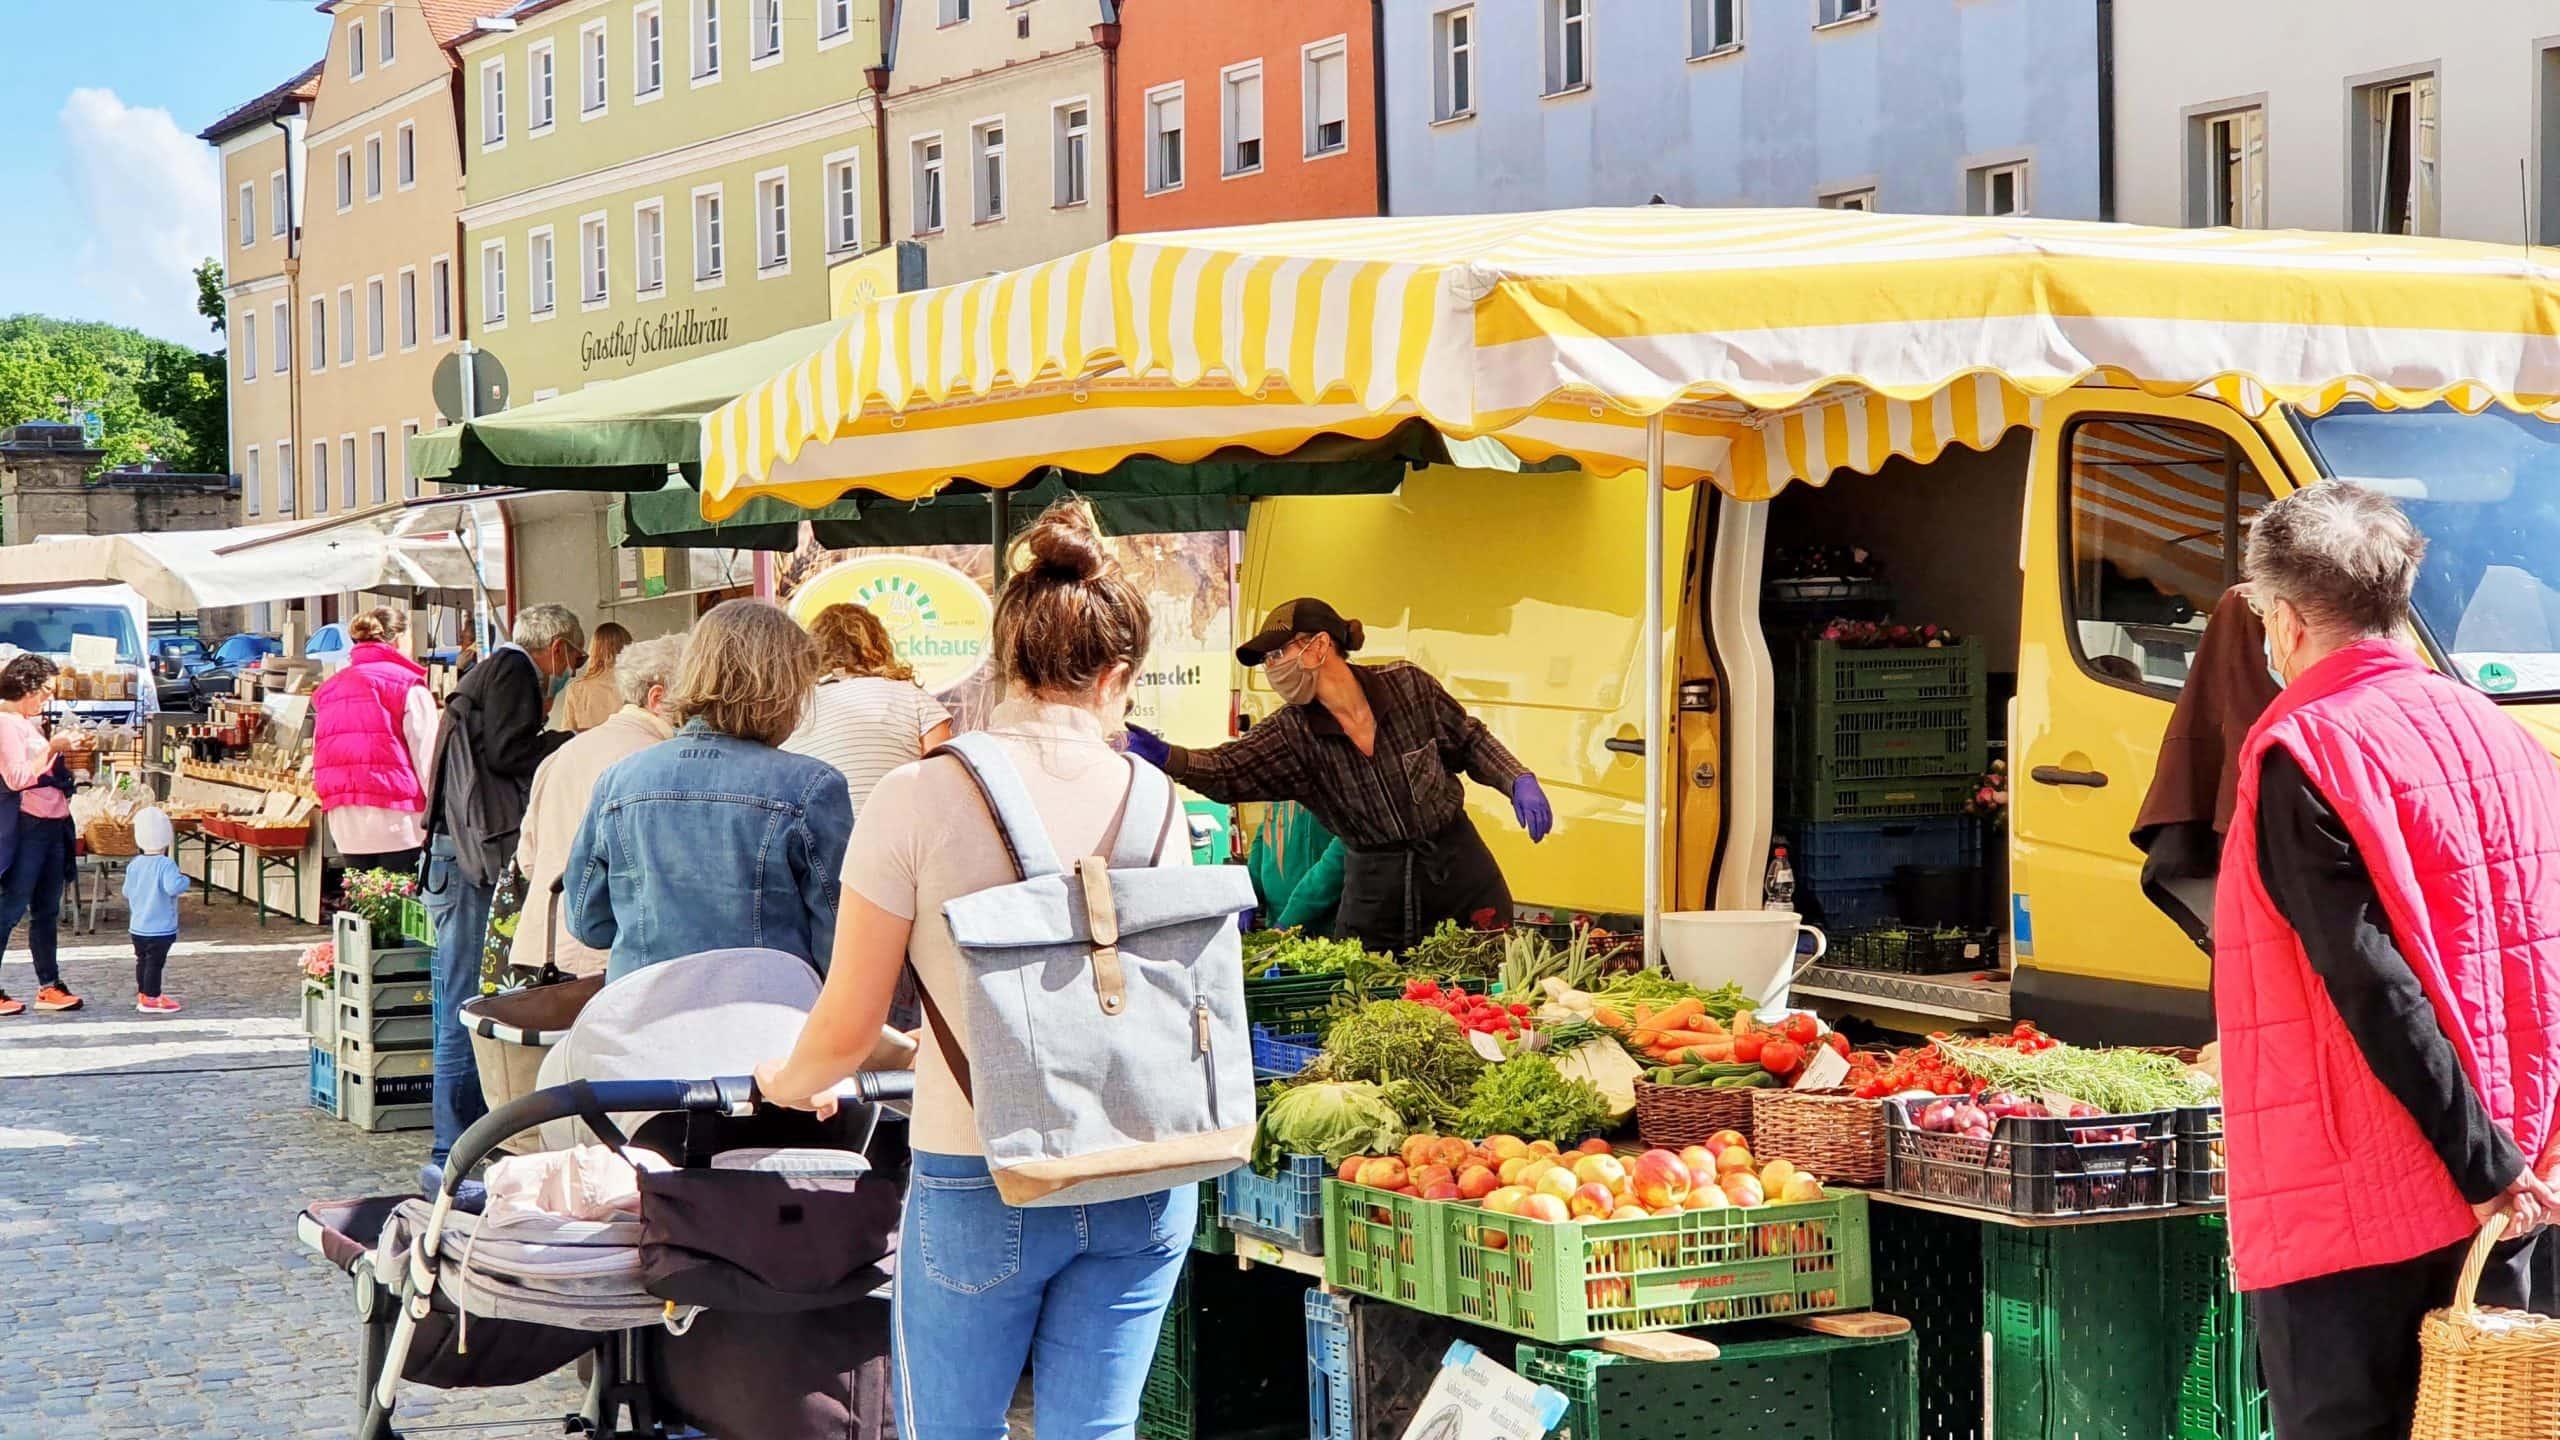 Bauern- und Wochenmärkte in Stadt und Landkreis Regensburg Regional Einkaufen - volle Auswahl entdecken